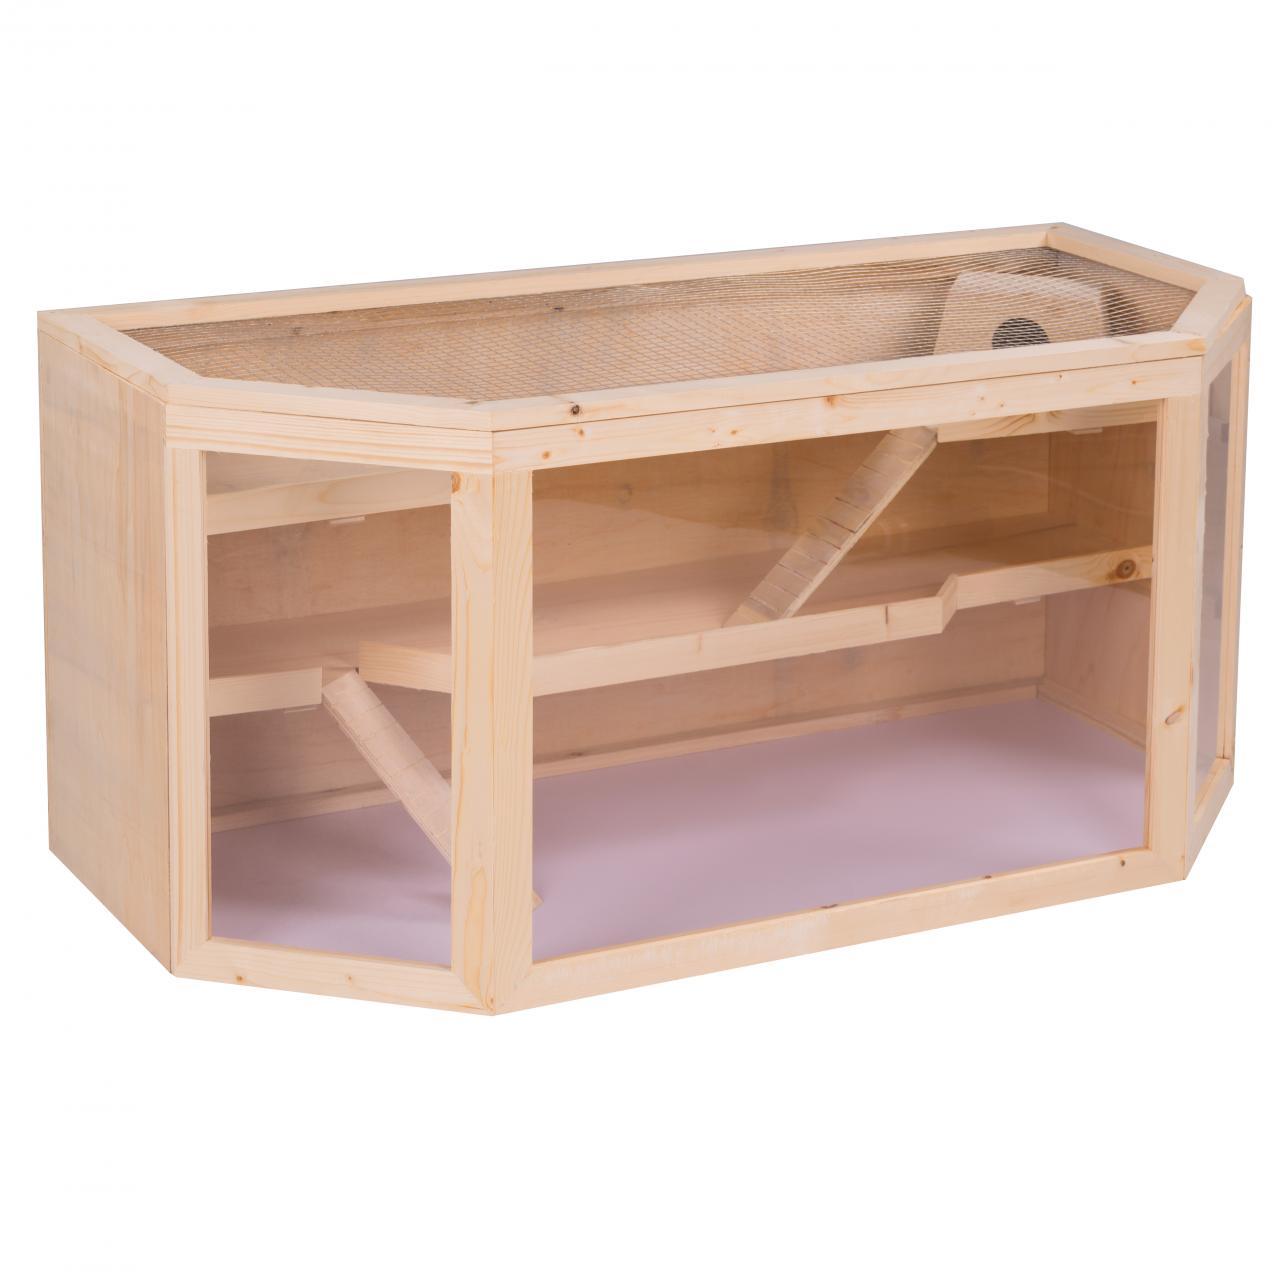 kleintierk fig nagerk fig hamsterk fig rattenk fig m usek fig nagerstall holz ebay. Black Bedroom Furniture Sets. Home Design Ideas